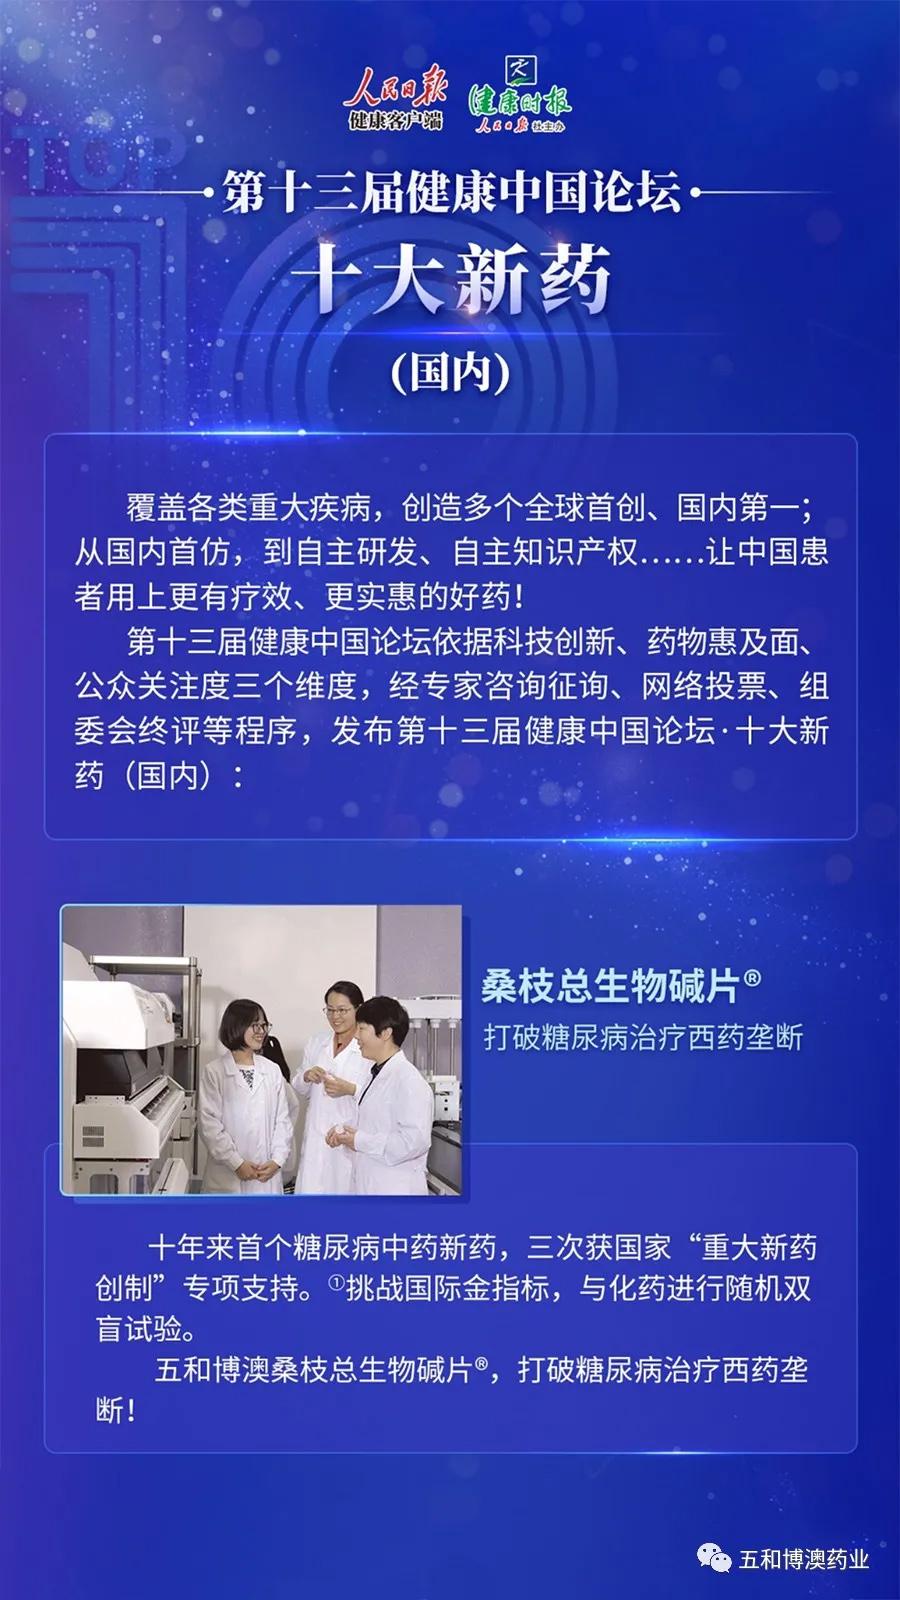 桑枝總生物堿榮登健康中國年度